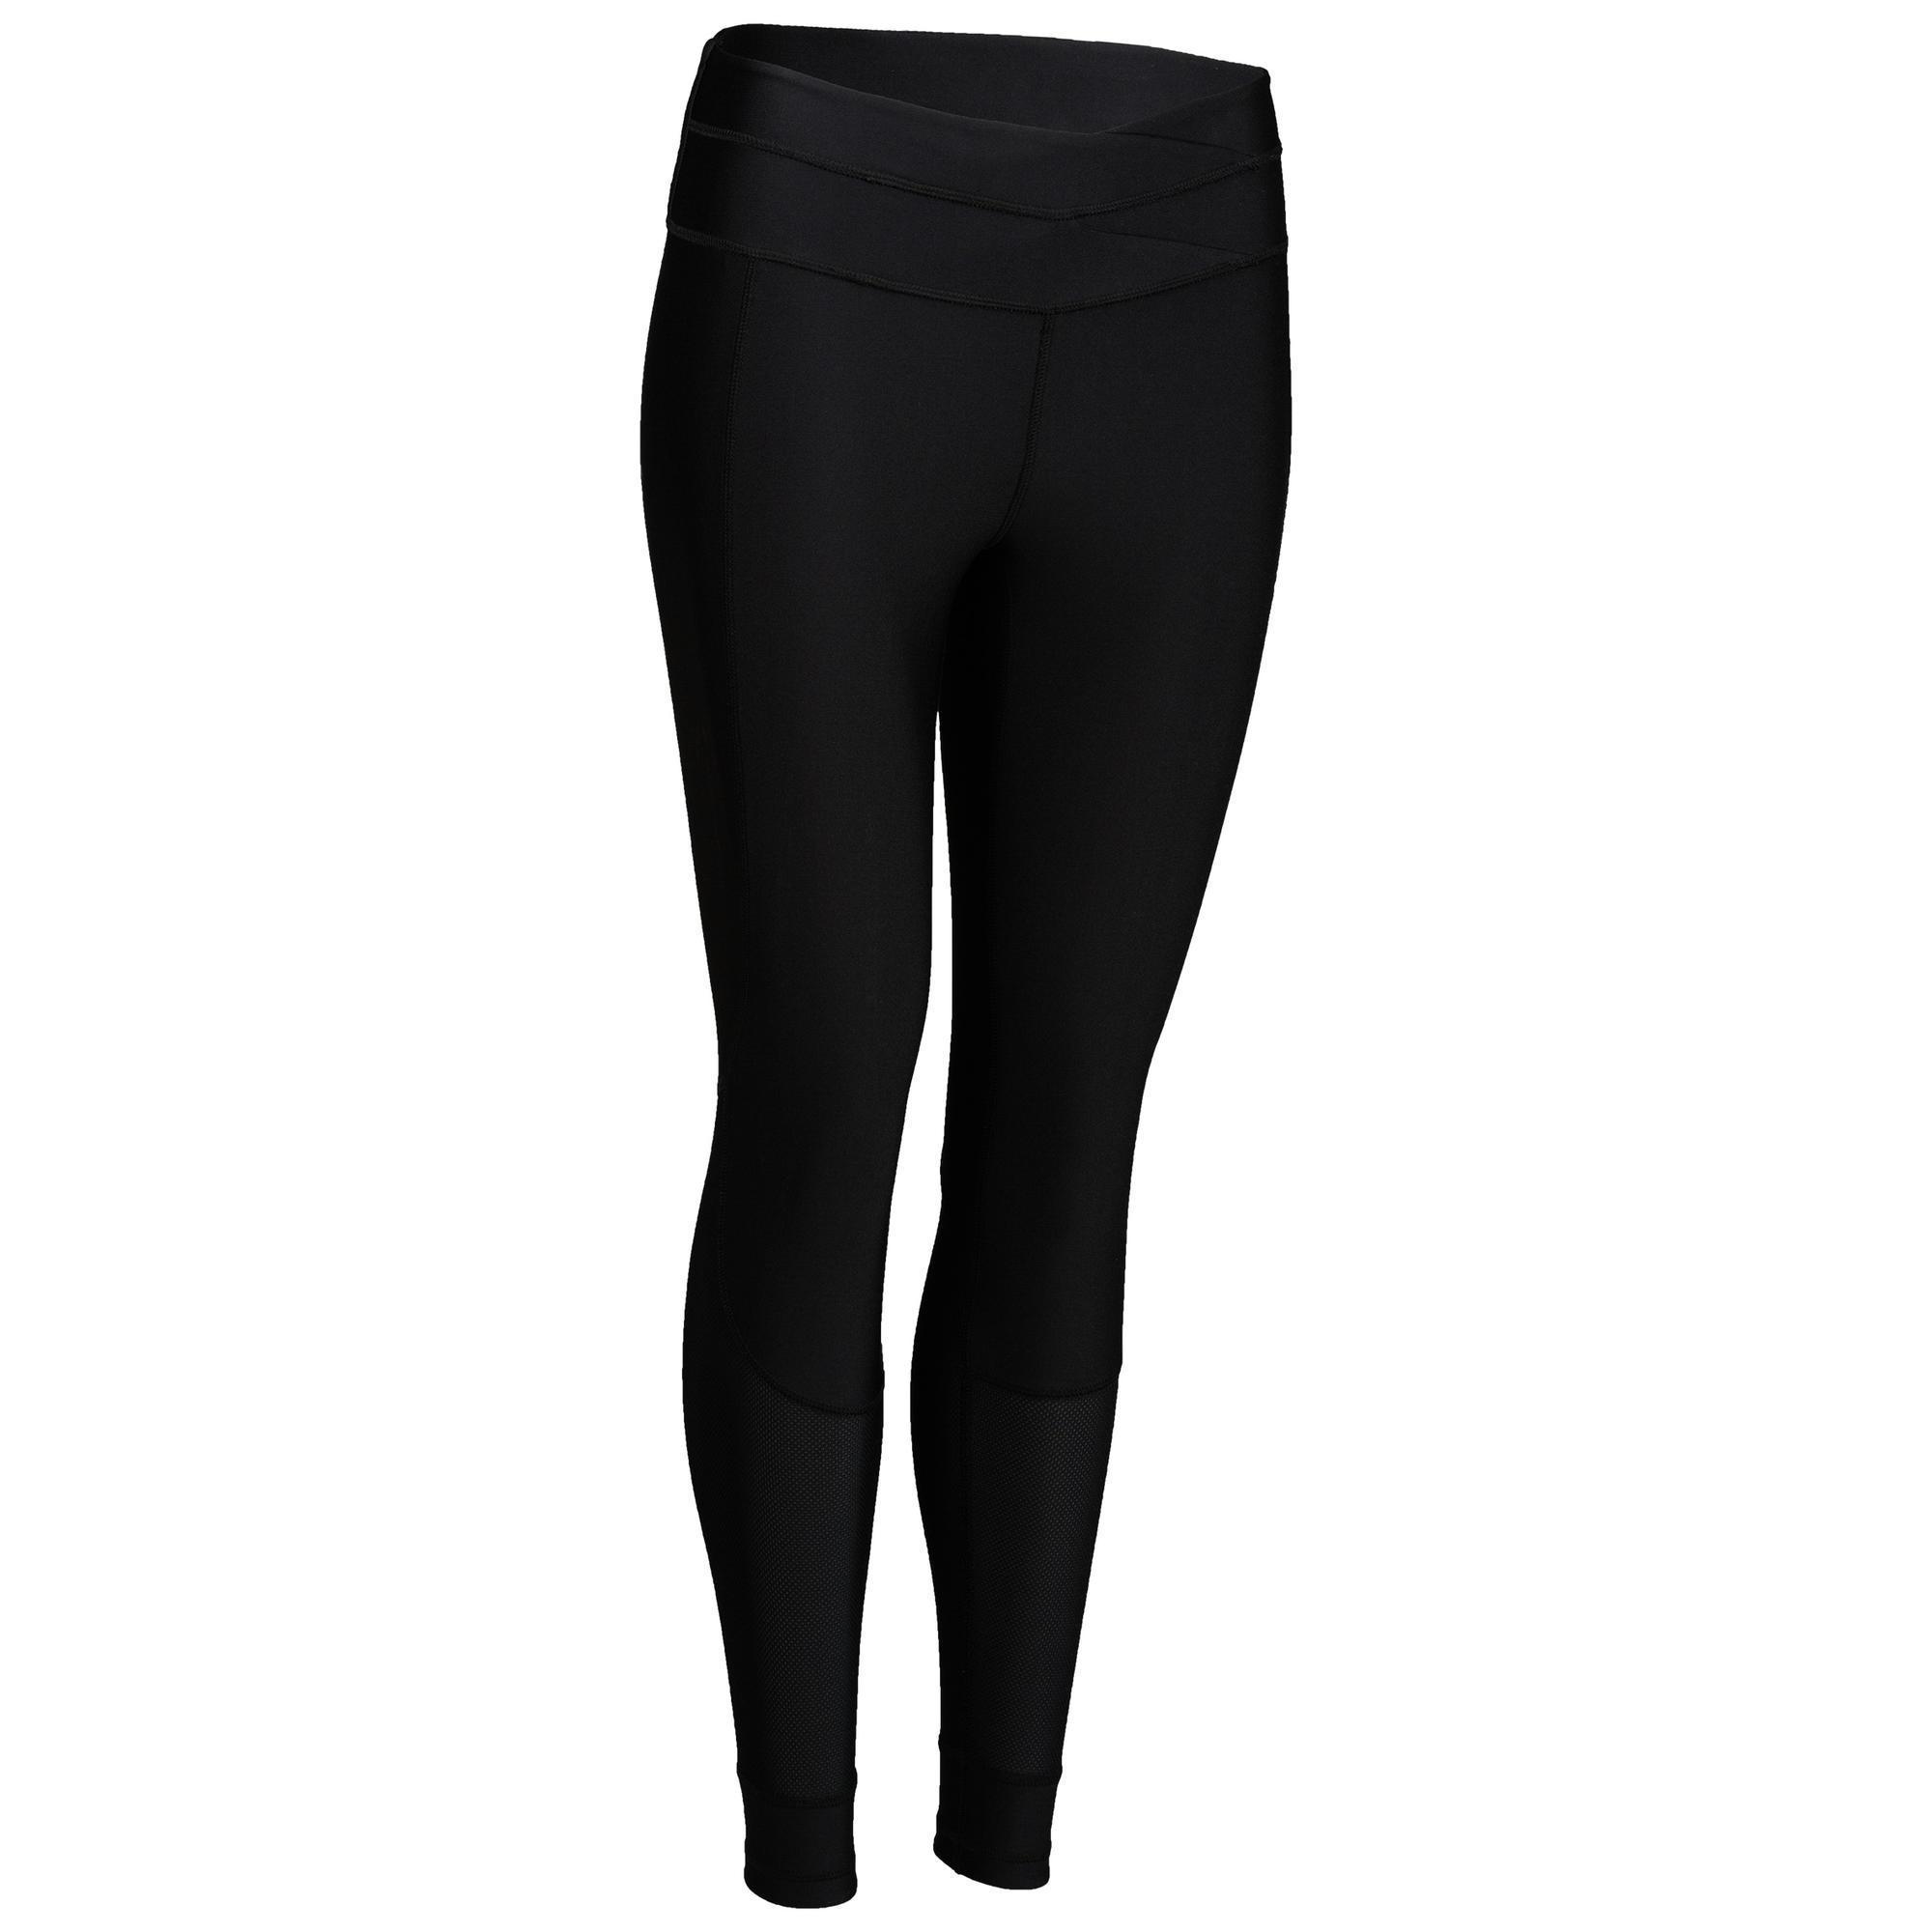 Domyos Fitness legging 520 voor dames